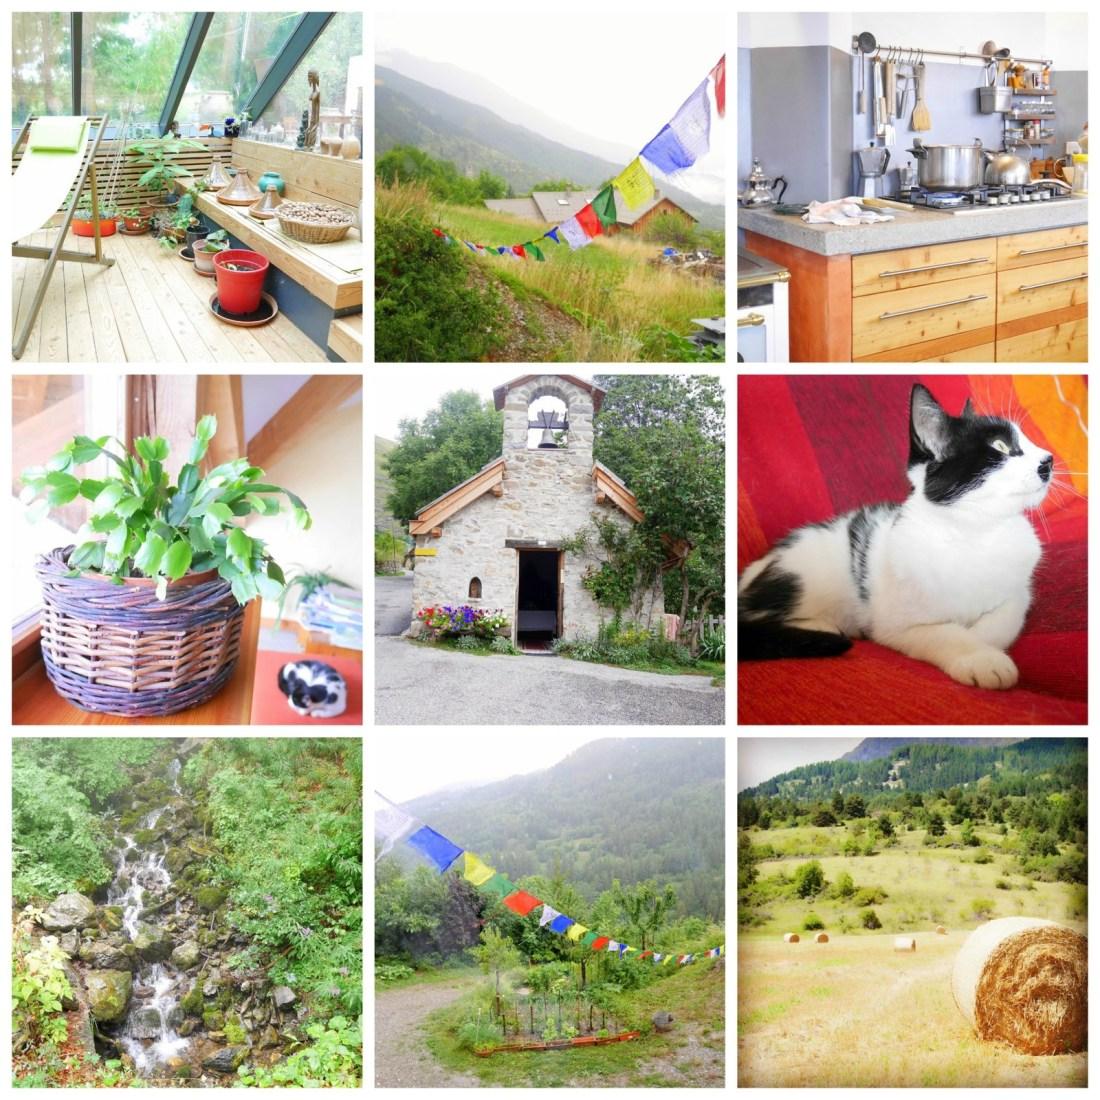 Mes deux jours dans les Hautes-Alpes en photos...